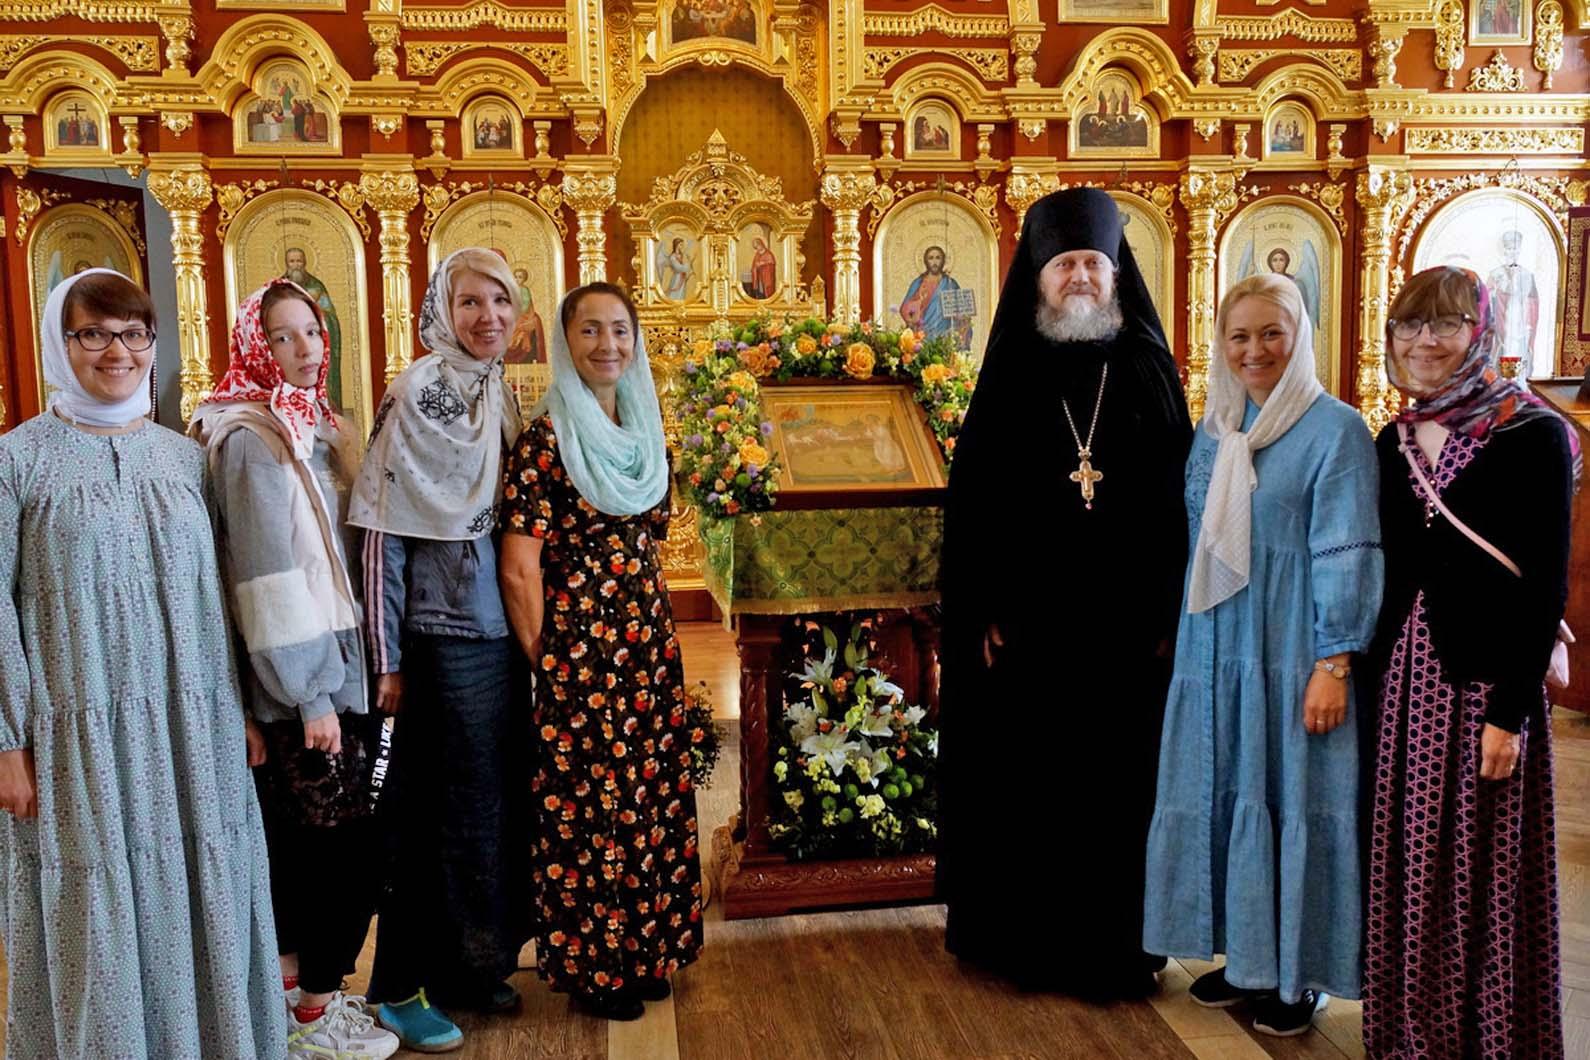 В Веркольском монастыре прошел праздник святого отрока Артемия Фоторепортаж. Часть третья. Крестный ход.